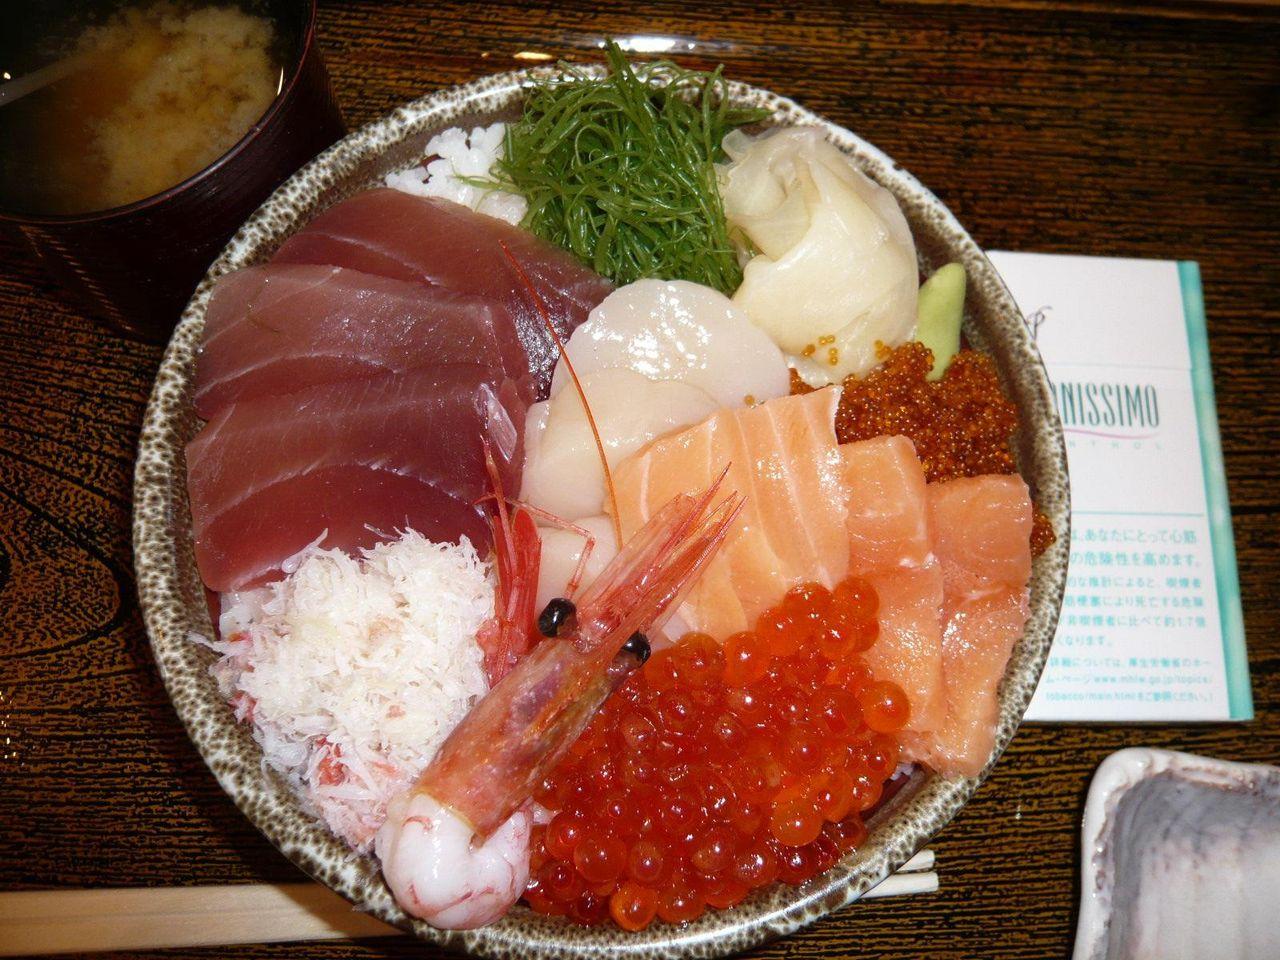 海鮮丼は、直径15センチの丼で提供されます。